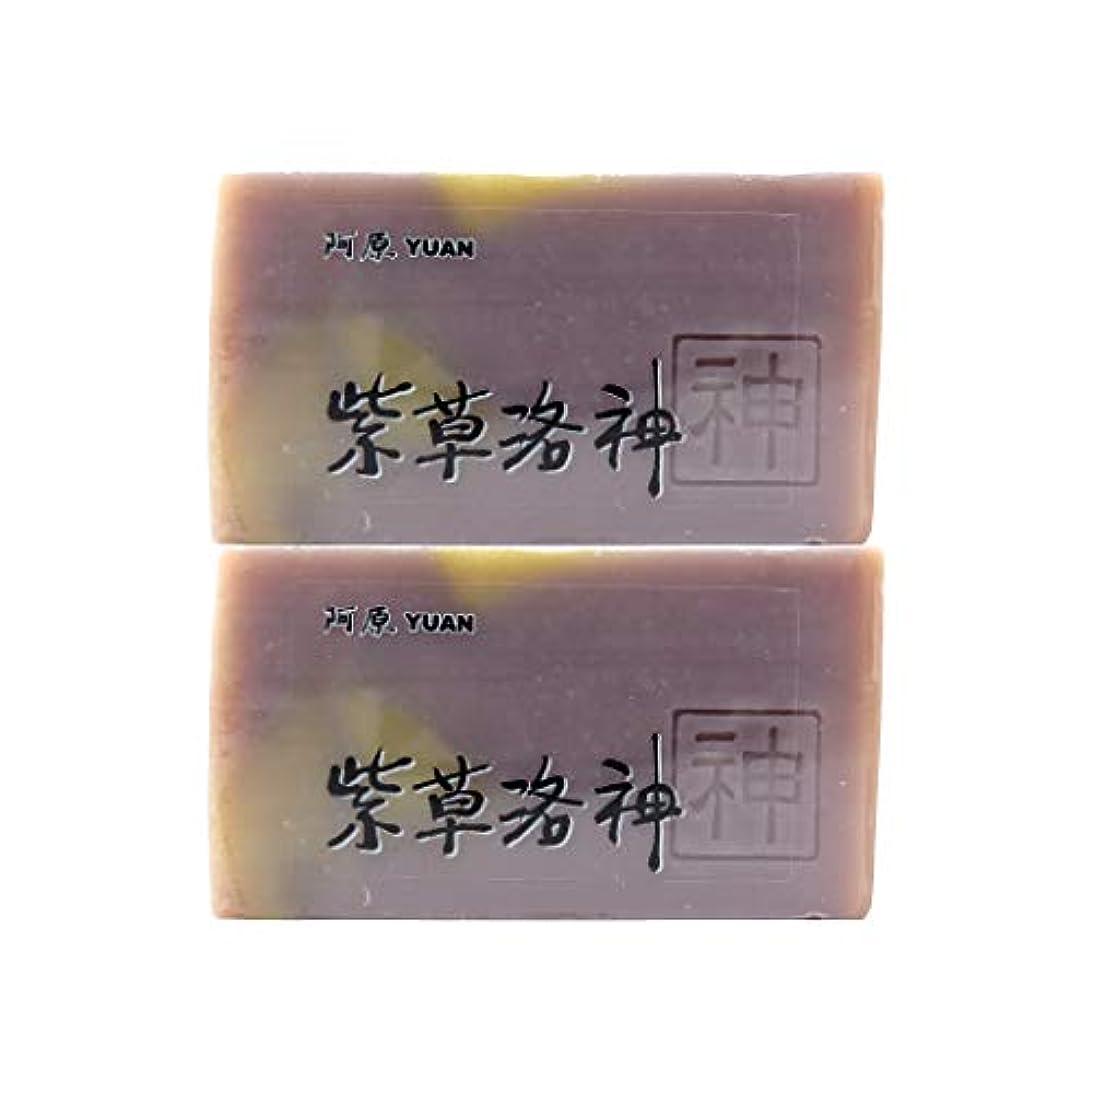 葉結婚するアピールユアン(YUAN) ハイビスカスソープ 100g (2個セット)